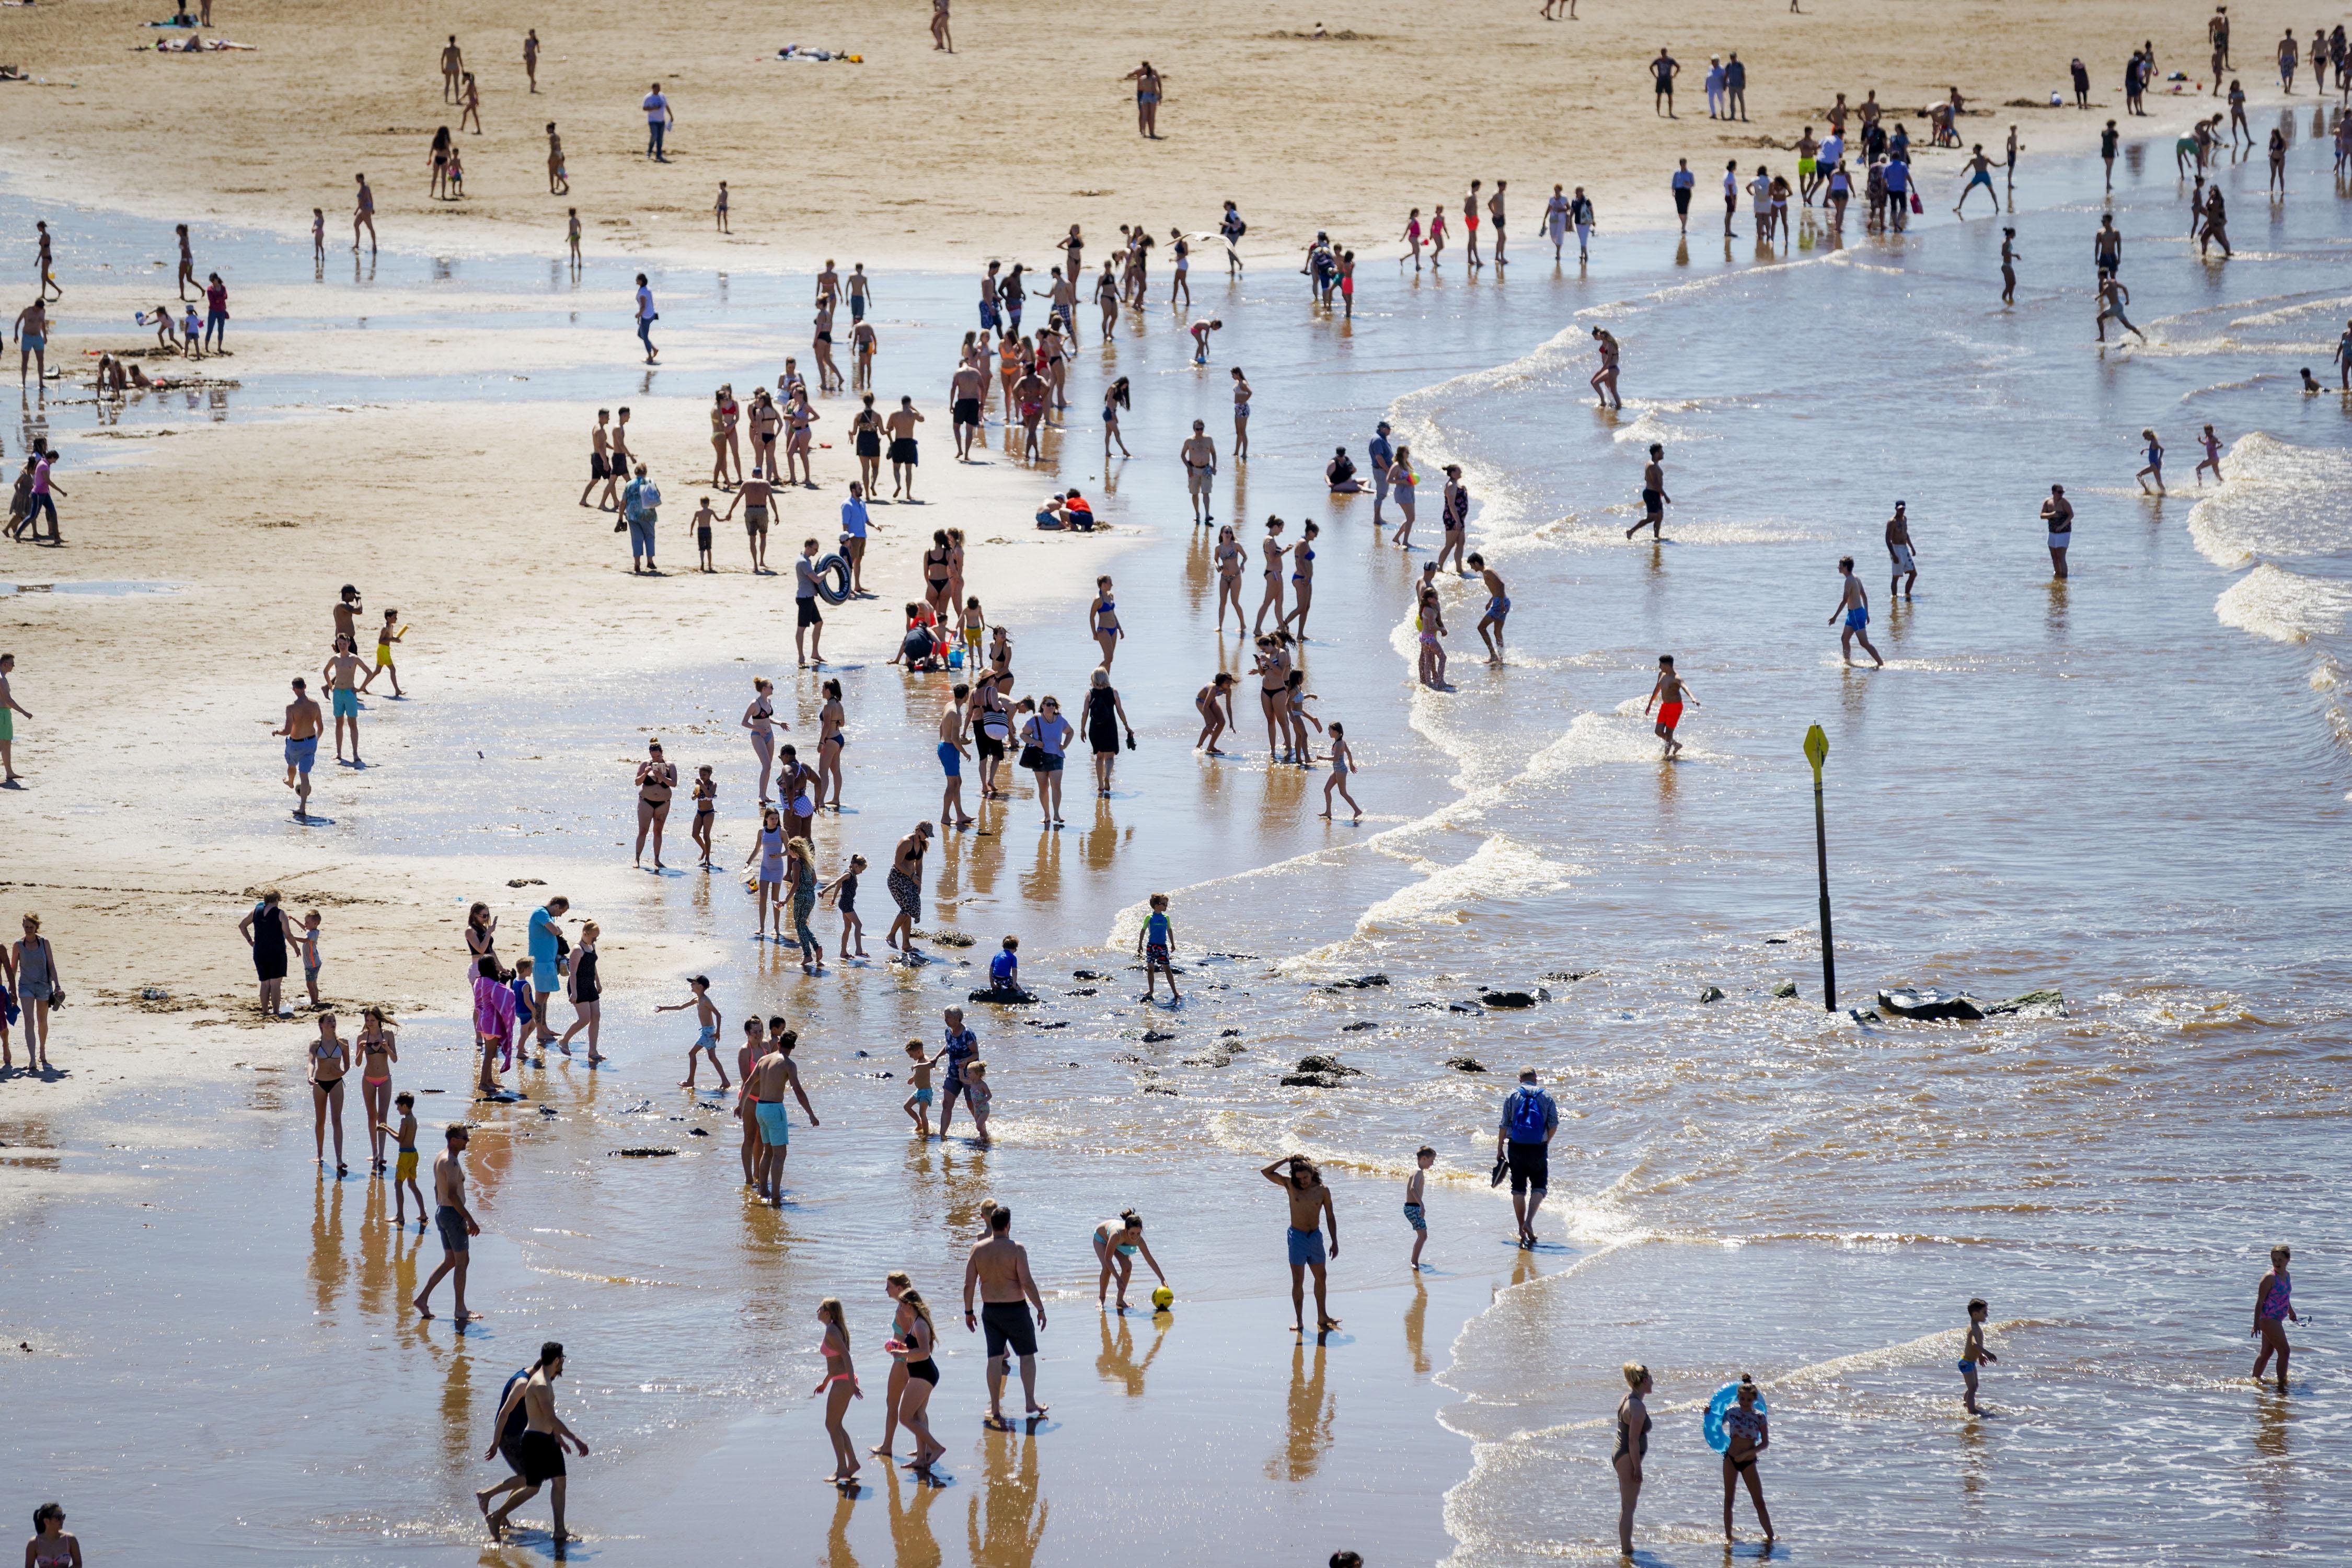 Rode vlag op strand, zwemmers overleden bij Den Haag, Wijk aan Zee en Zandvoort [update]